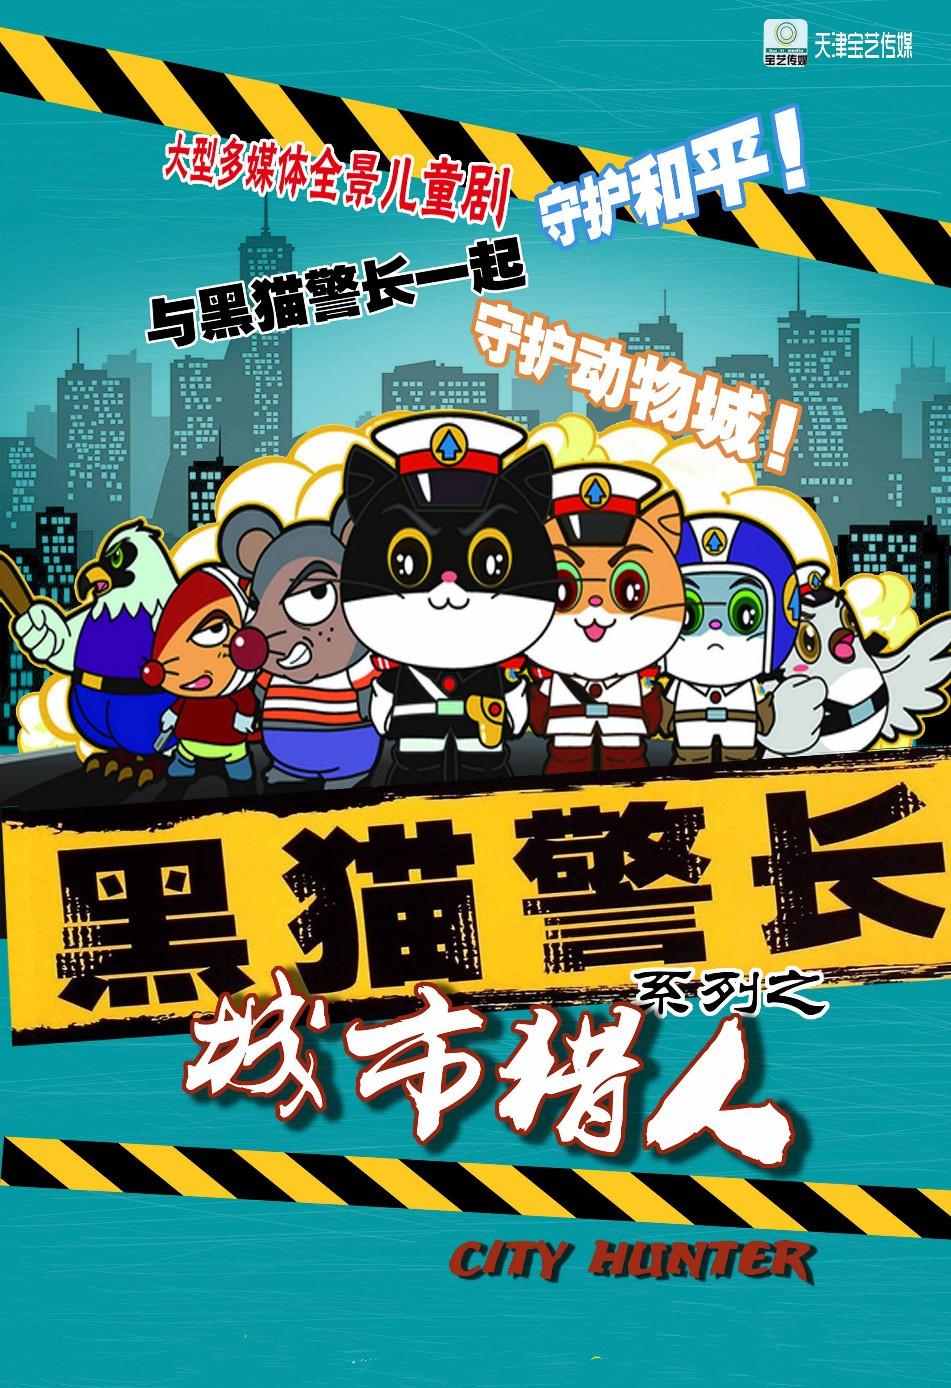 儿童舞台剧《黑猫警长之城市猎人》深圳站